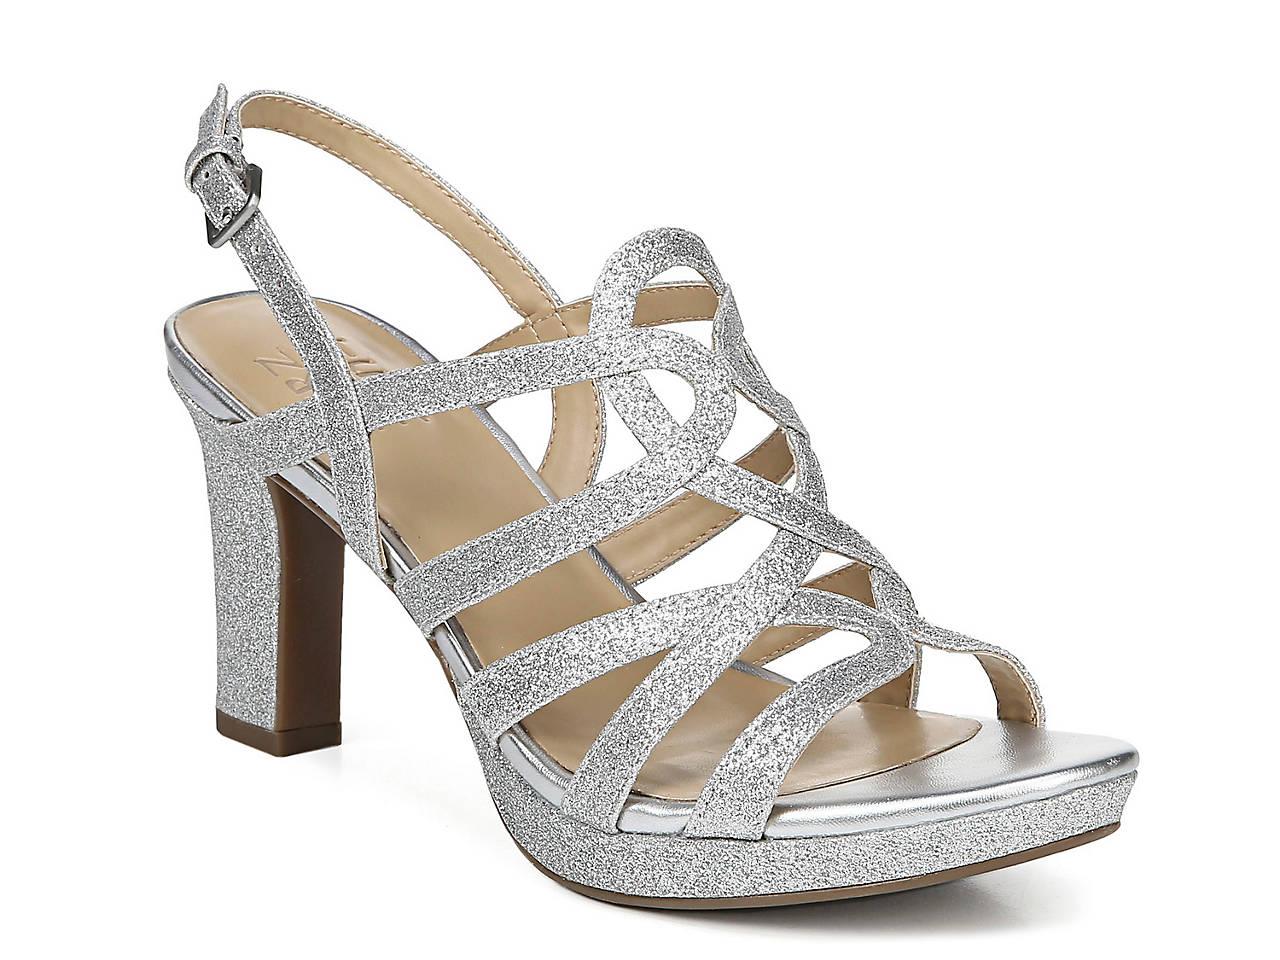 45d79f5724c5 Naturalizer Cameron Platform Sandal Women s Shoes